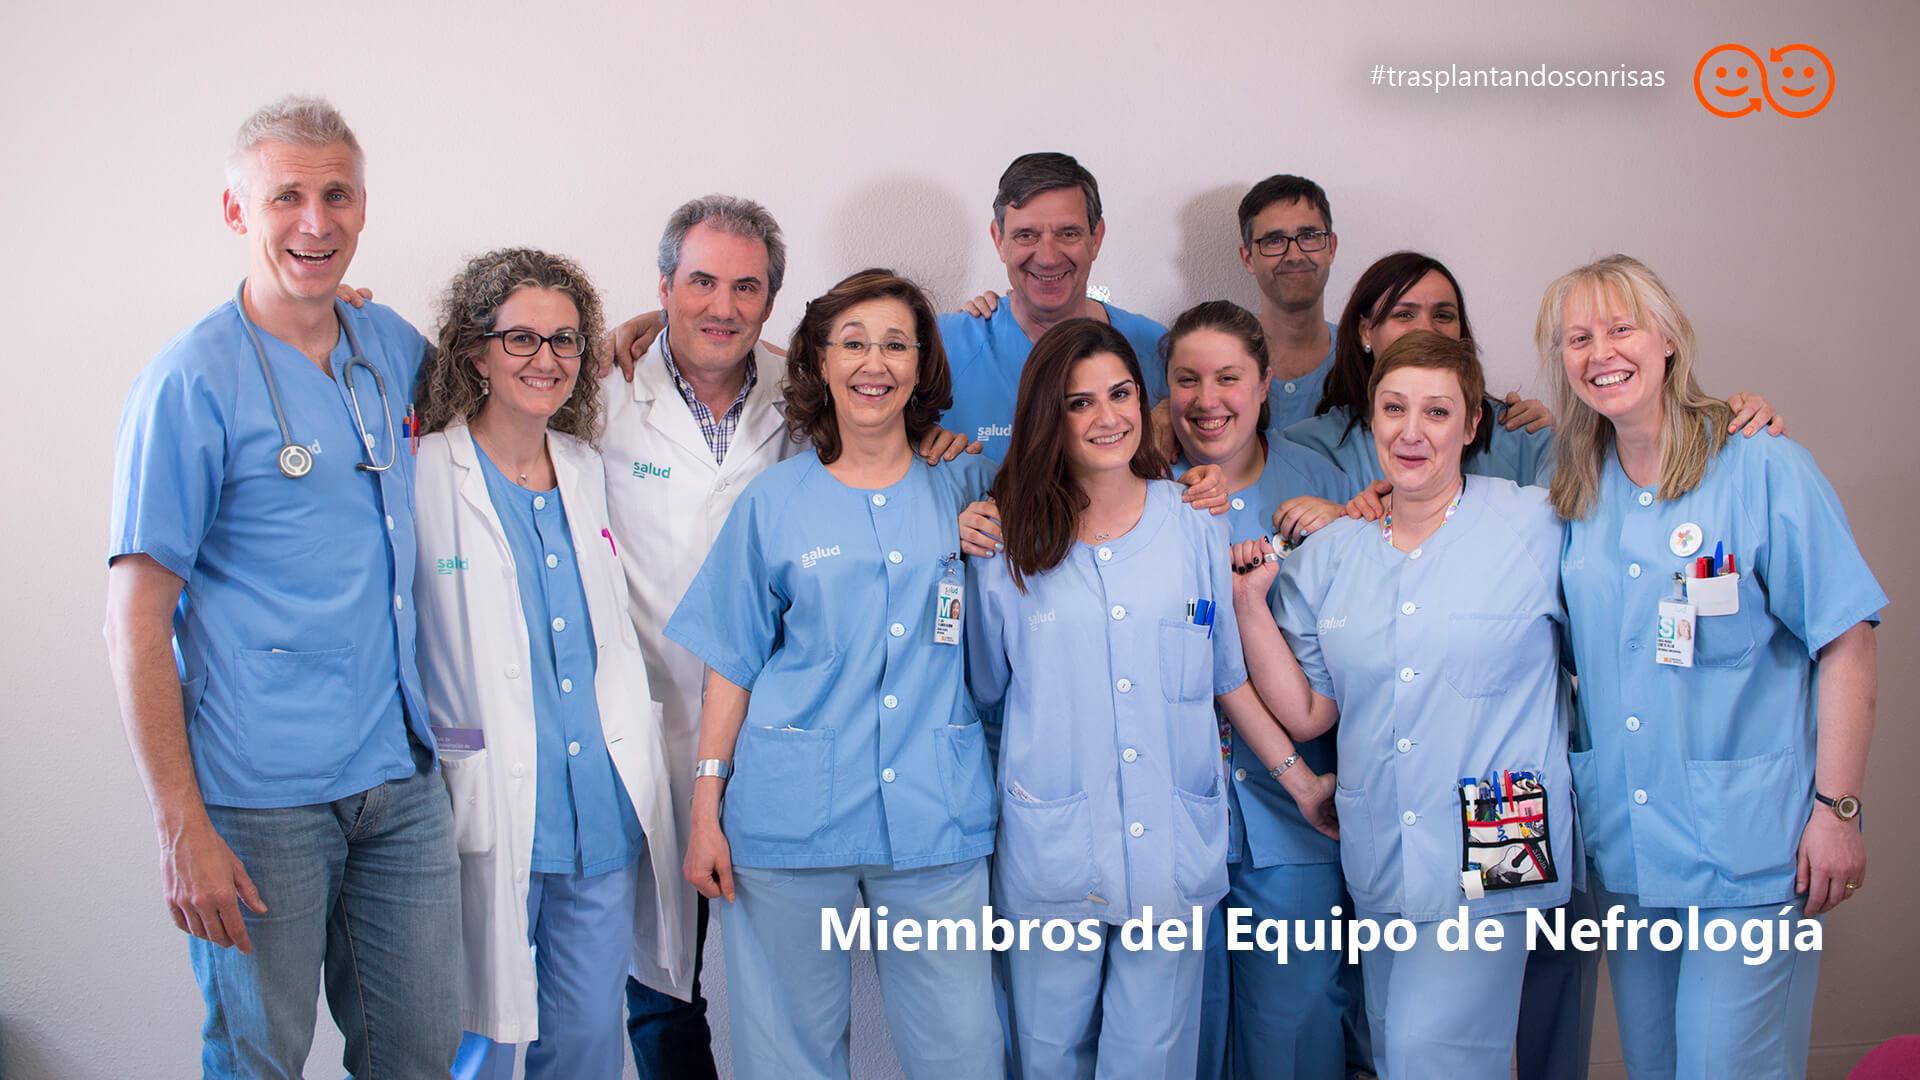 Miembros del Equipo de Nefrología